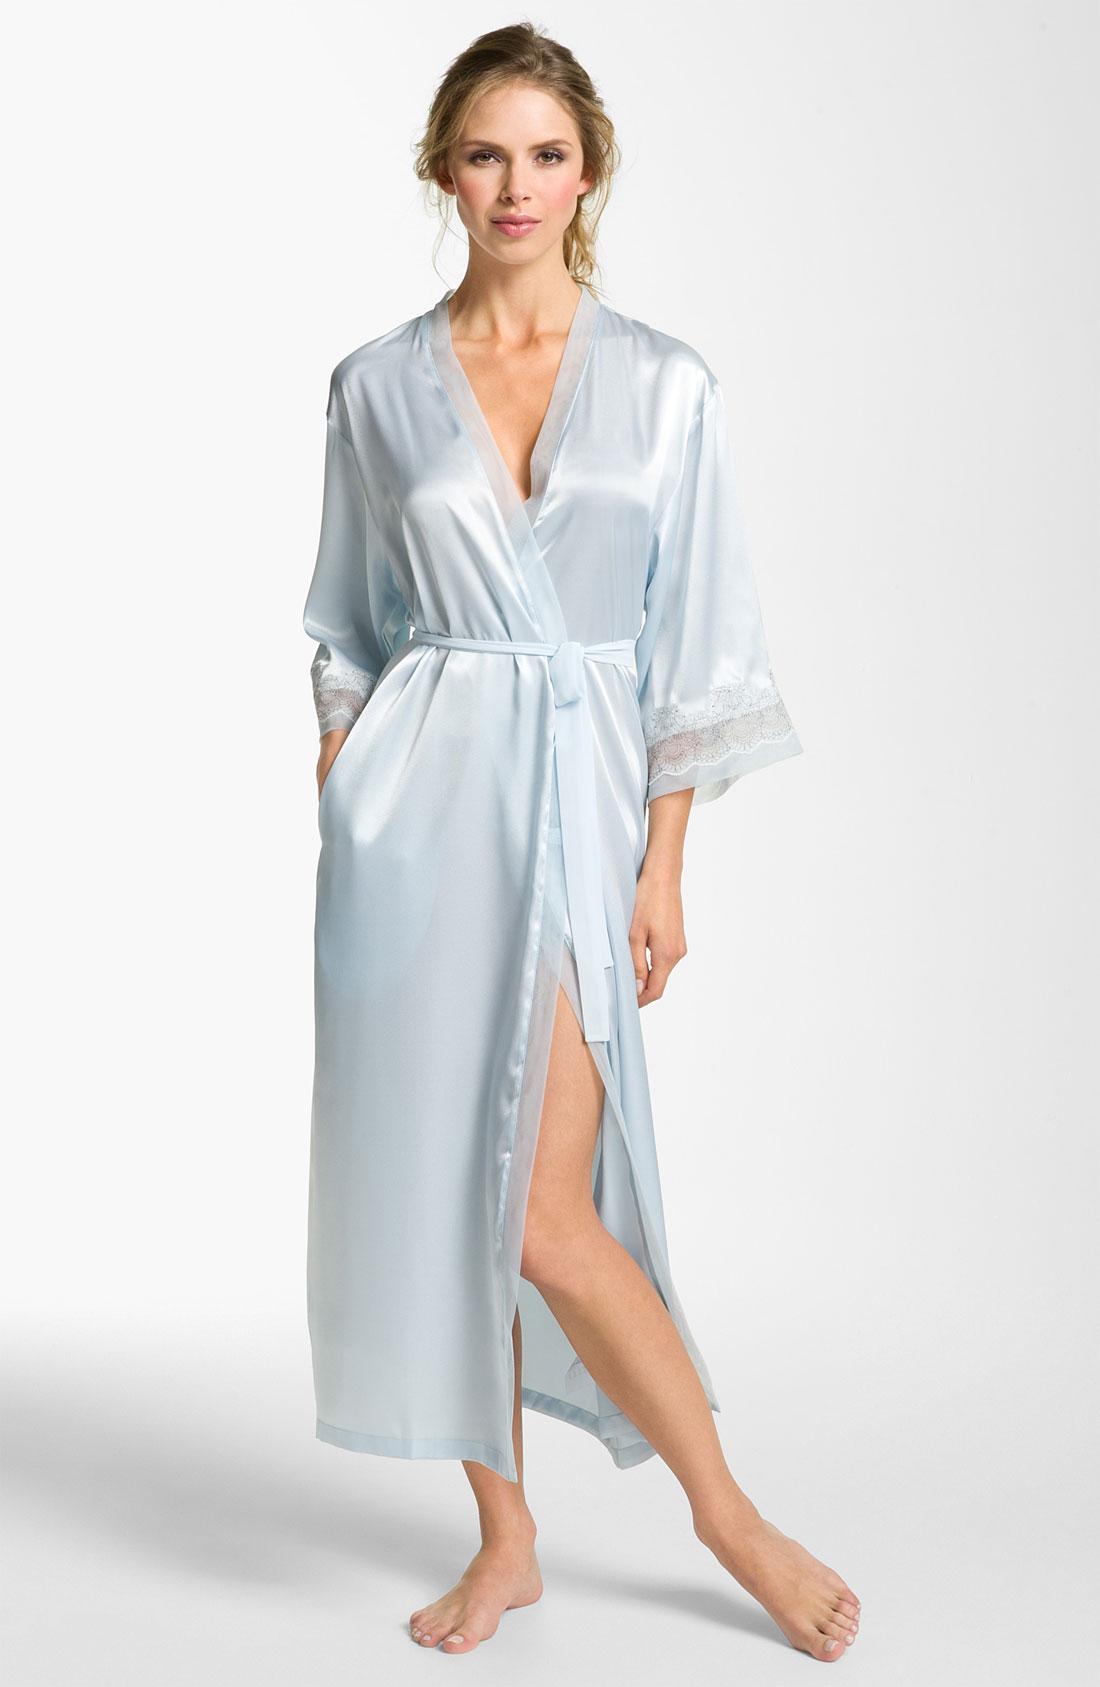 Josie Natori Sleepwear